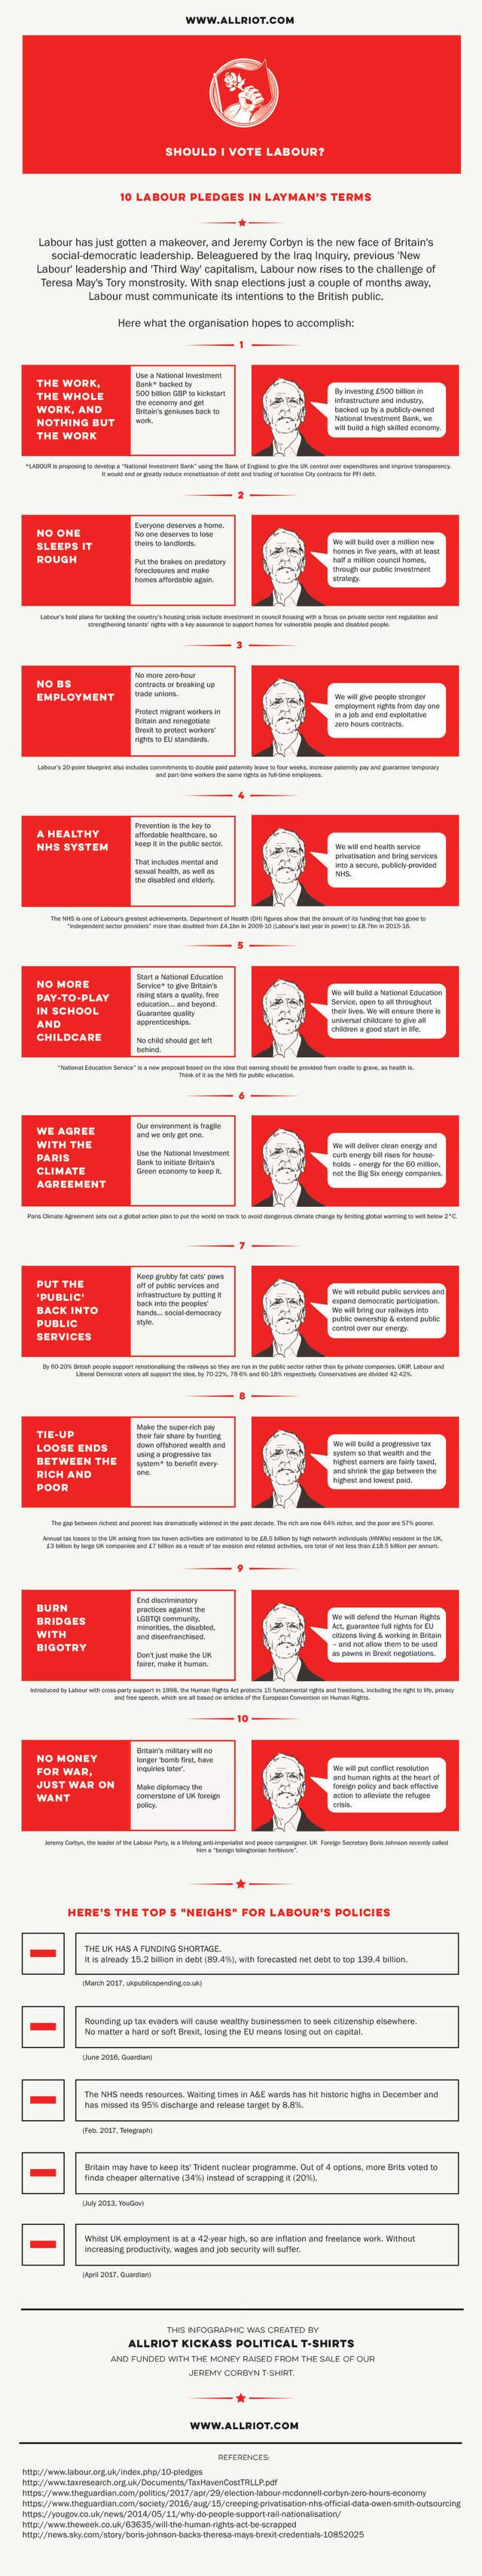 Labour party pledges 2017 infographic allriot